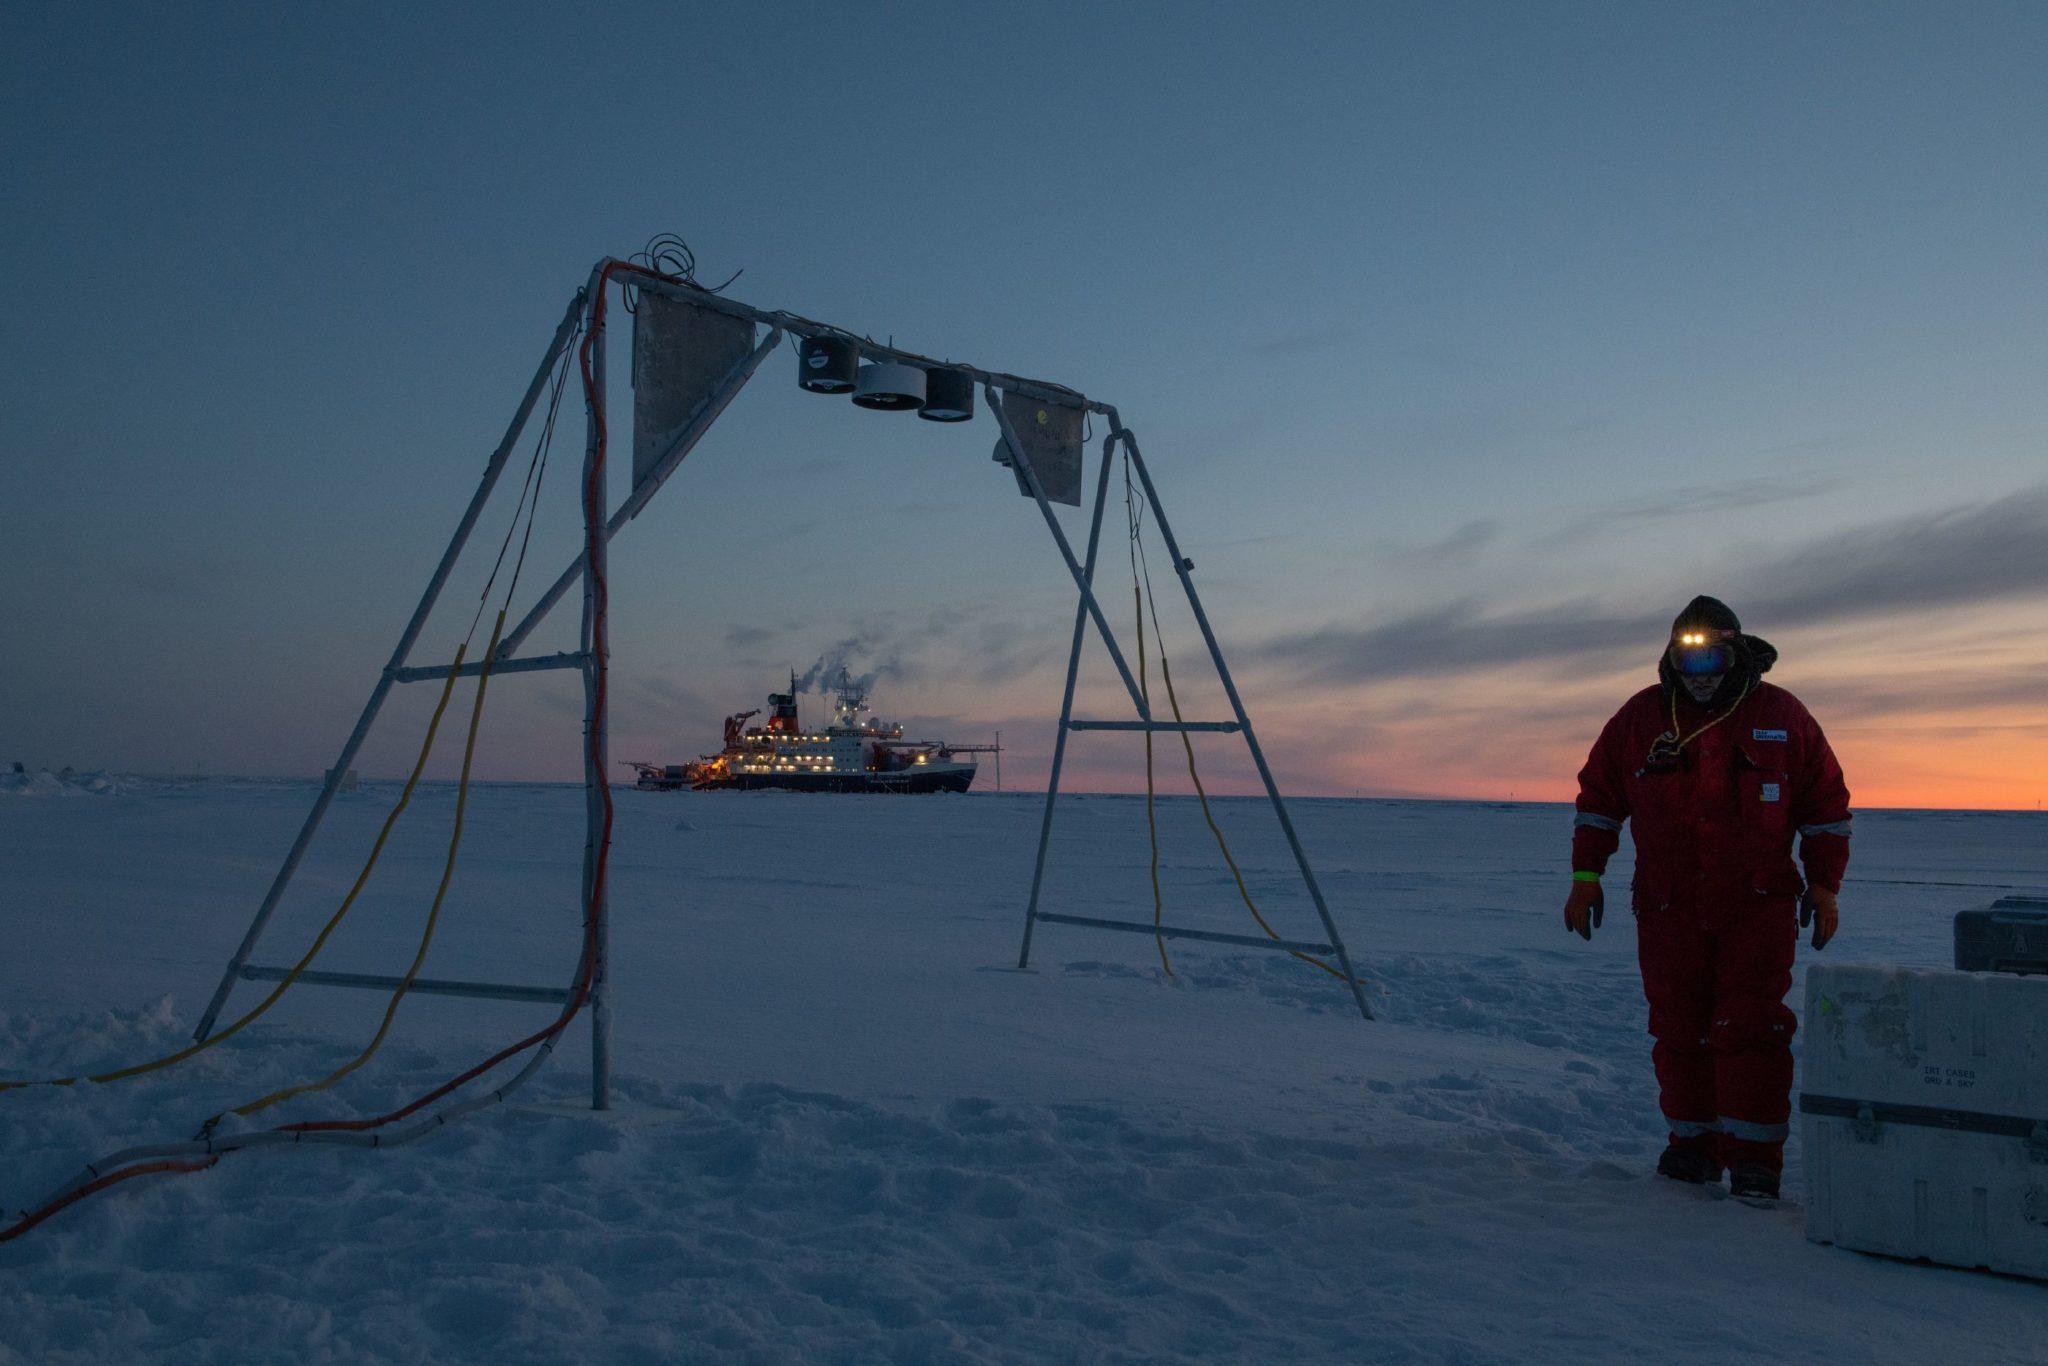 Ein Mann läuft auf einer dicken Eisdecke entlang, im Hintergrund ist ein großes Forschungsschiff zu sehen